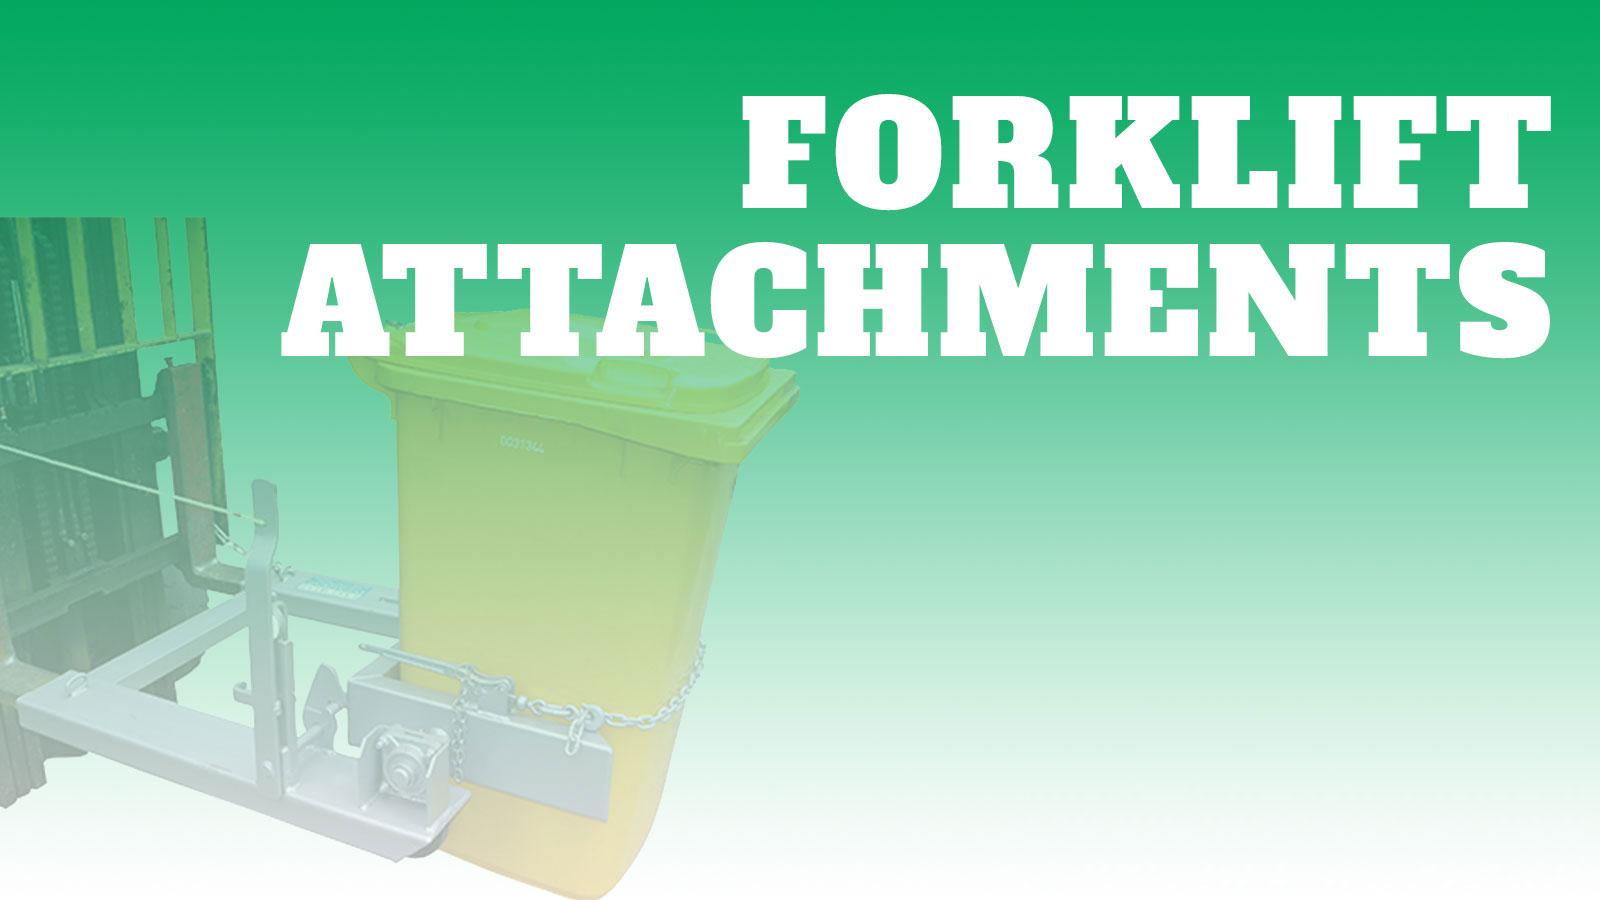 DrumHandling-Forklift-Attachments